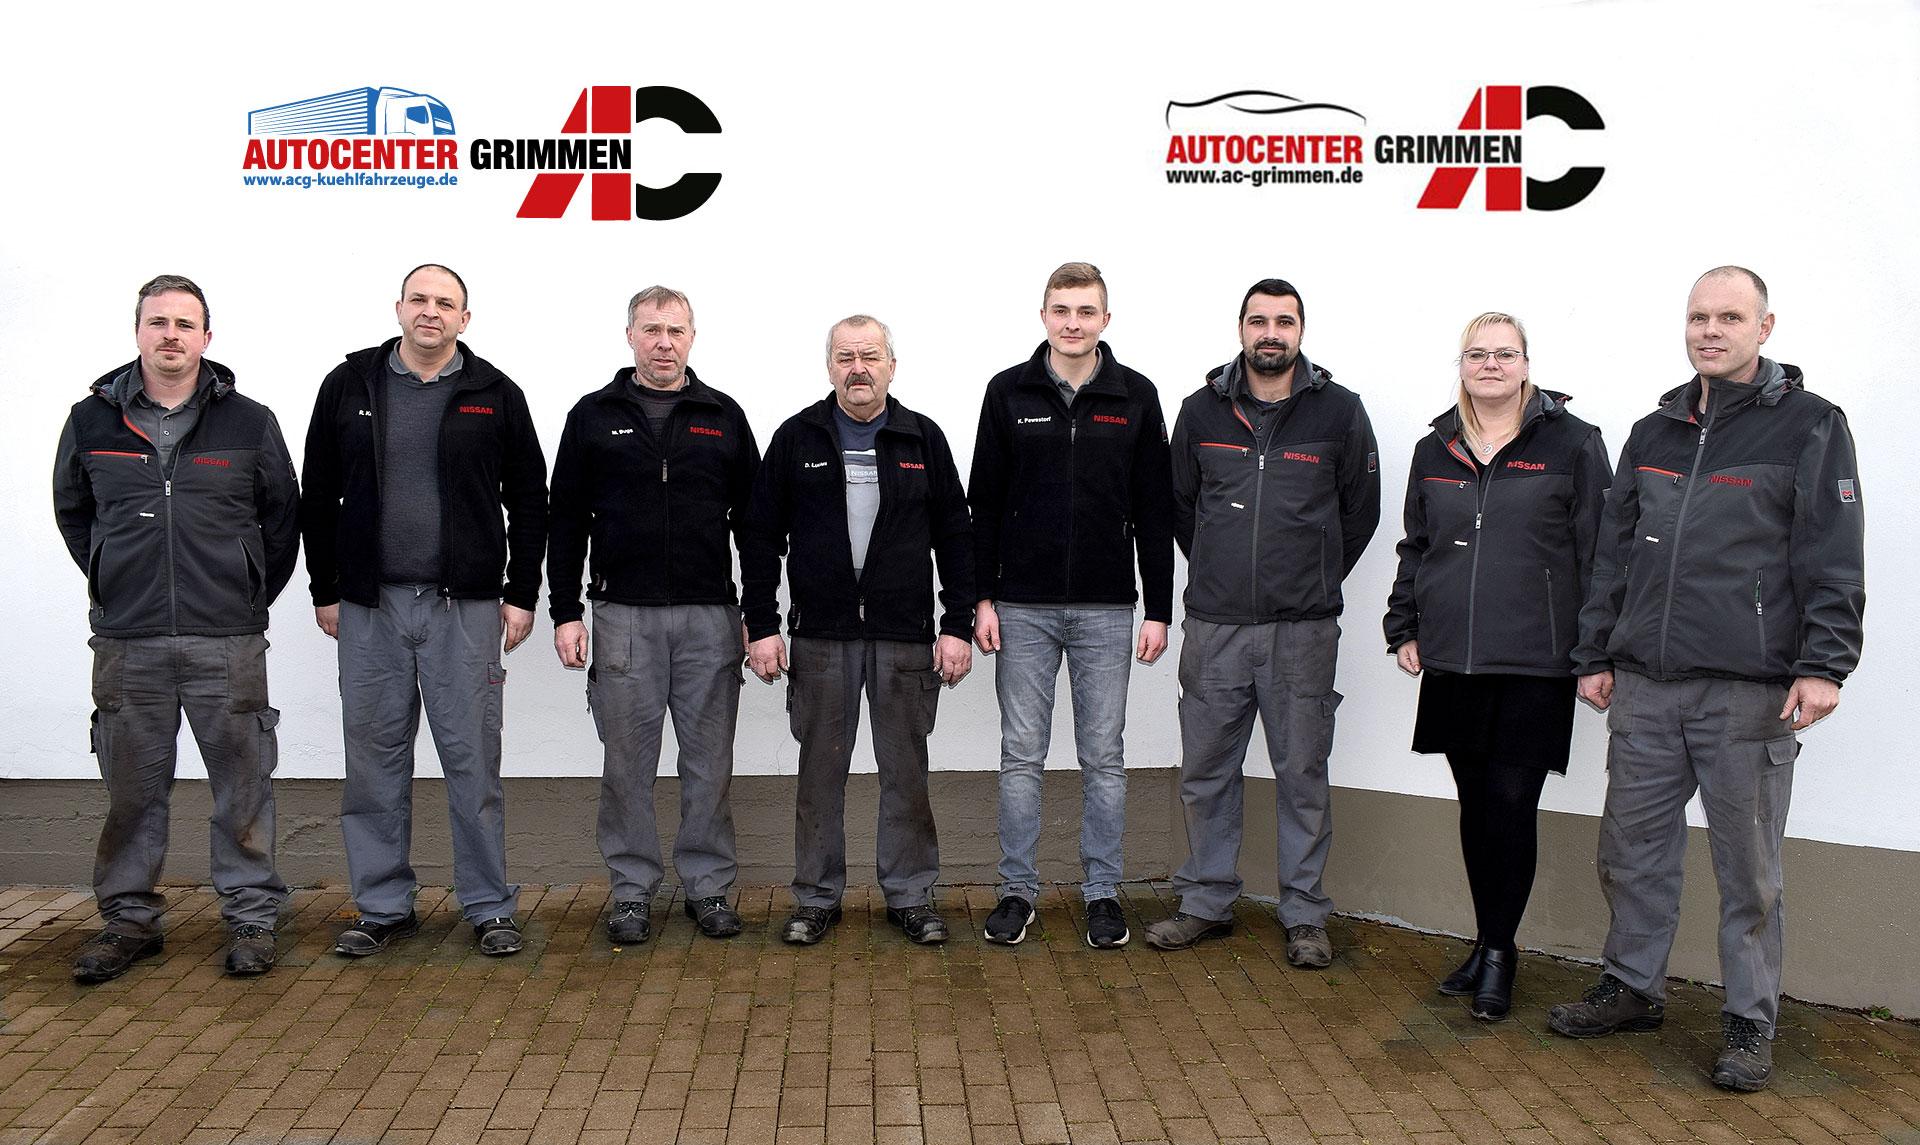 Lkw-Grimmen-Team-autocenter-grimmen